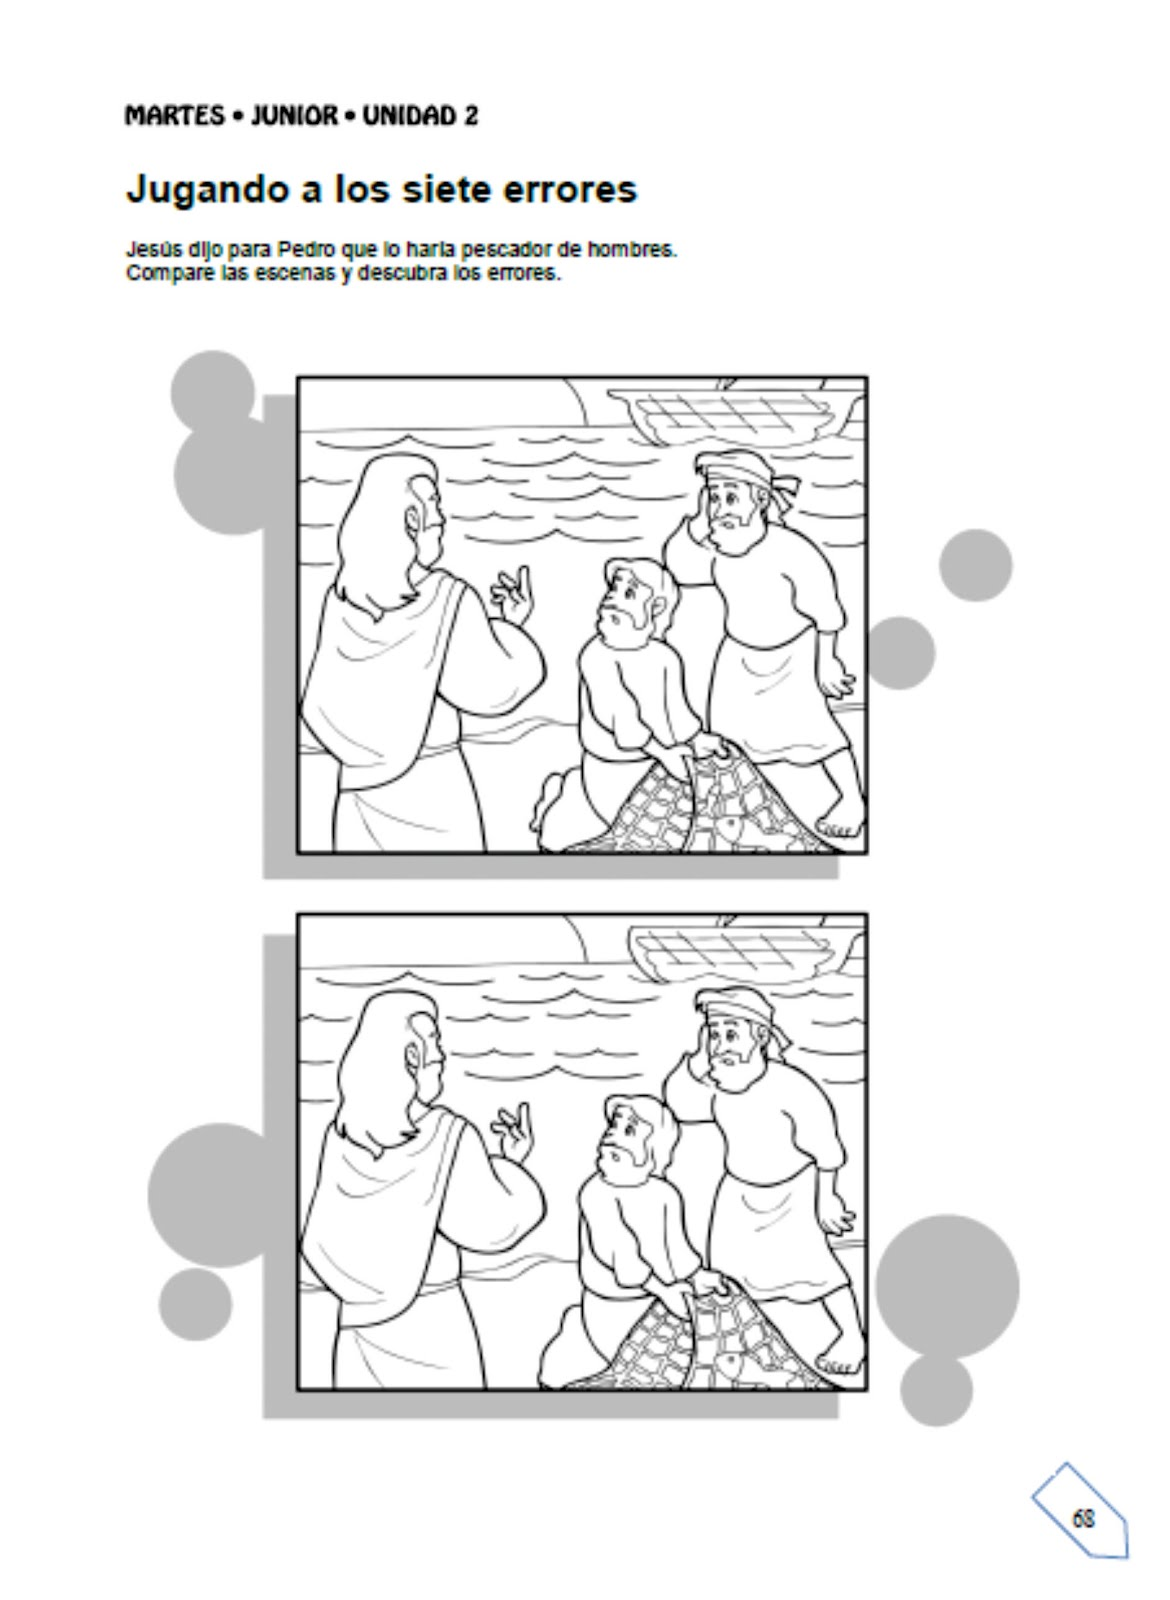 Historia: Pedro el pescador de gente ~ EBI Mexico